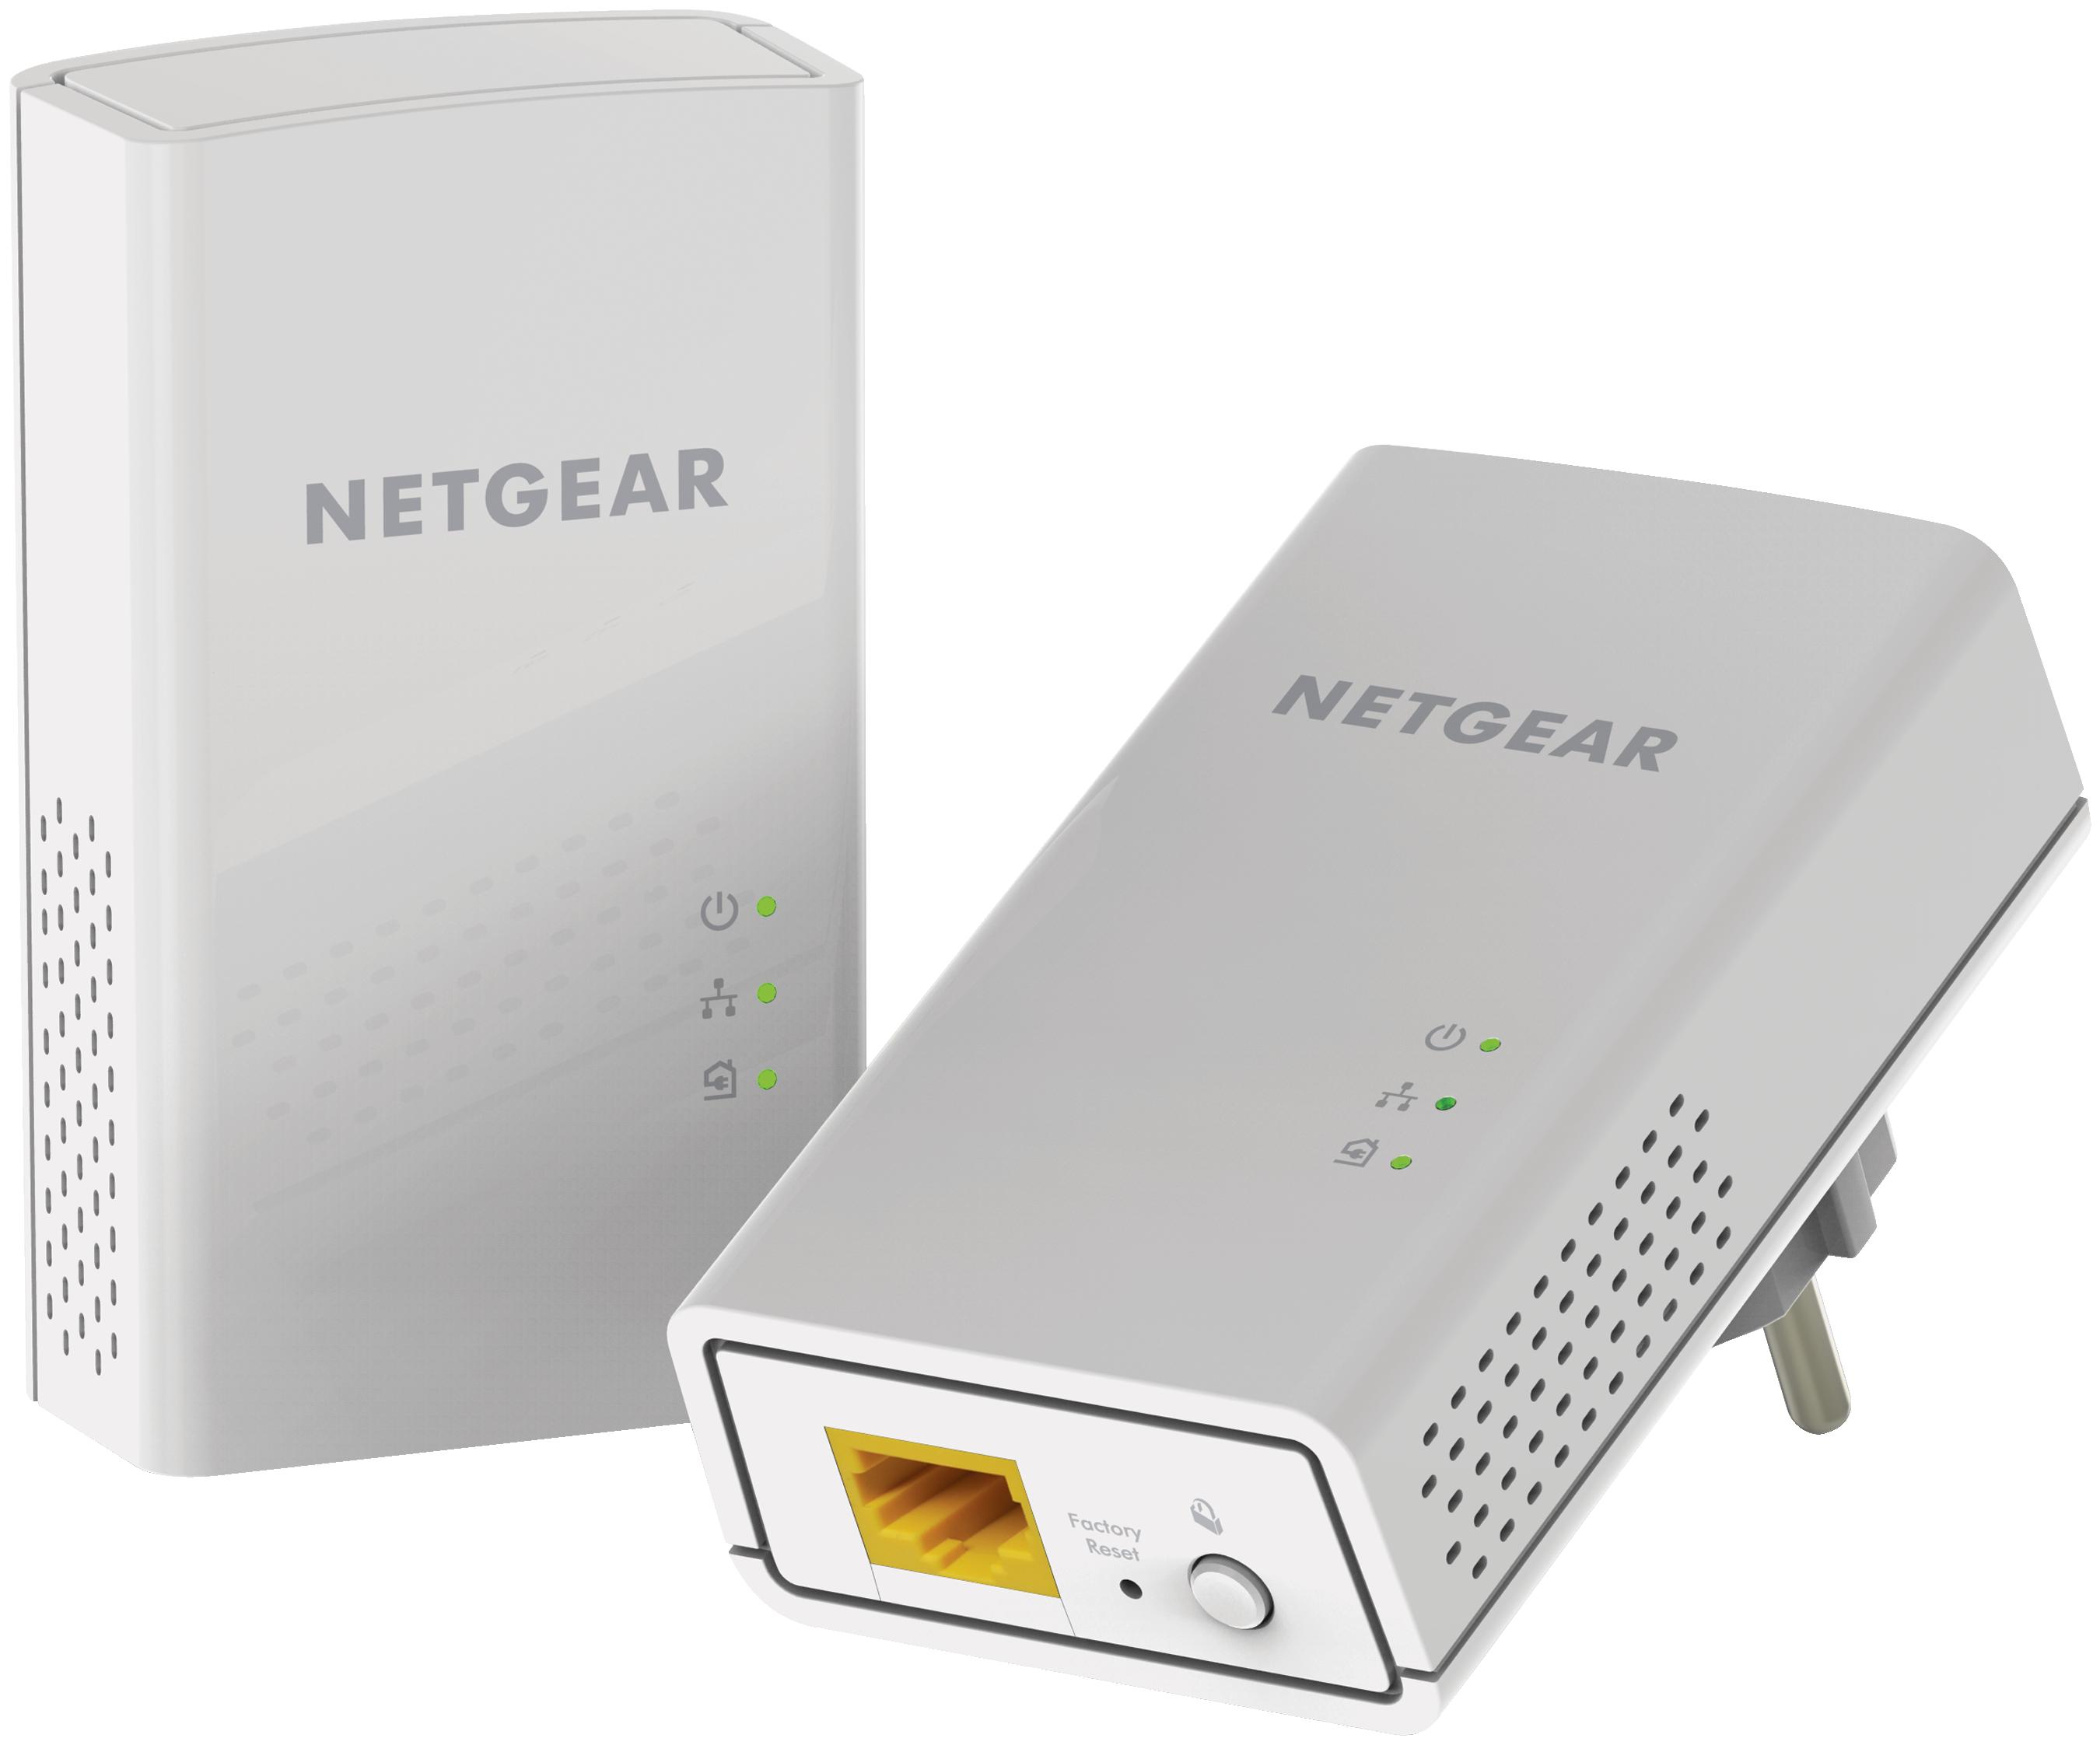 [CATALOGUE PRINTEMPS 2015] Connexion filaire Gigabit puissante Home Plug AV2 1200 Mbps 2 ports Gigabit Ethernet Parfait pour connecter des téléviseurs Smart TV, des lecteurs en streaming et des consoles de jeux Idéal pour le streaming vidéo HD en 4K et le jeu sans latence  Ajoutez jusqu'à 16 adaptateurs pour étendre votre réseau et jouer sans latence RÉF. PL1200-100PES http://www.exertisbanquemagnetique.fr/info-marque/netgear